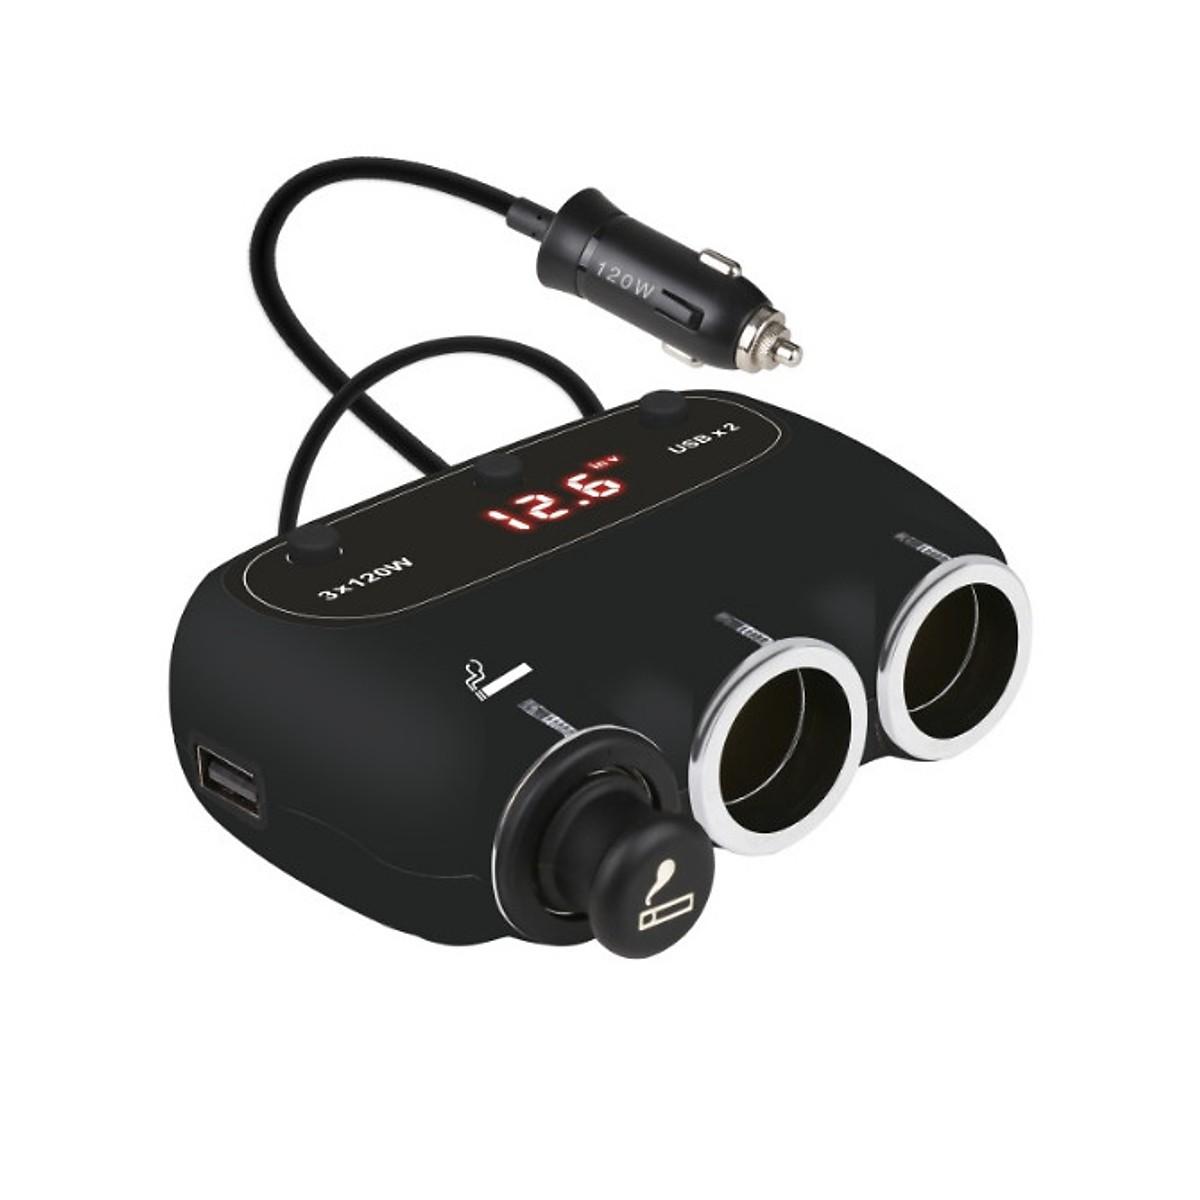 Bộ chia tẩu sạc trên ô tô 558A- 3 TẨU CẮM, 2 CỔNG USB, 3 CÔNG TẮC TẮT/ MỞ RIÊNG (Tặng đèn pin bóp tay mini- Màu ngẫu nhiên)